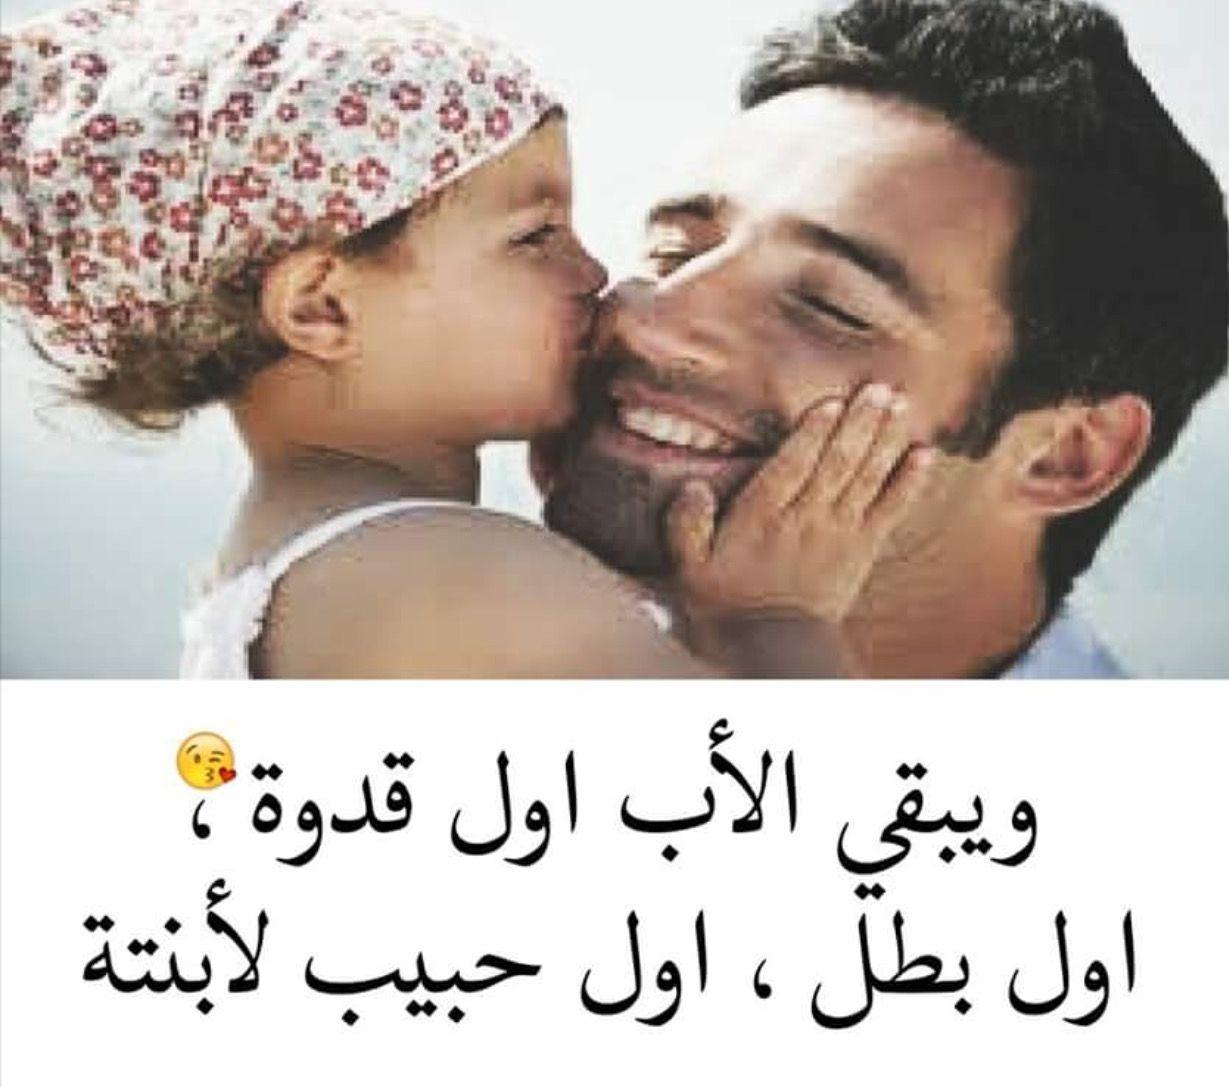 بالصور كلمات عن الاب الحنون , الاب الحنين رزق 6053 9